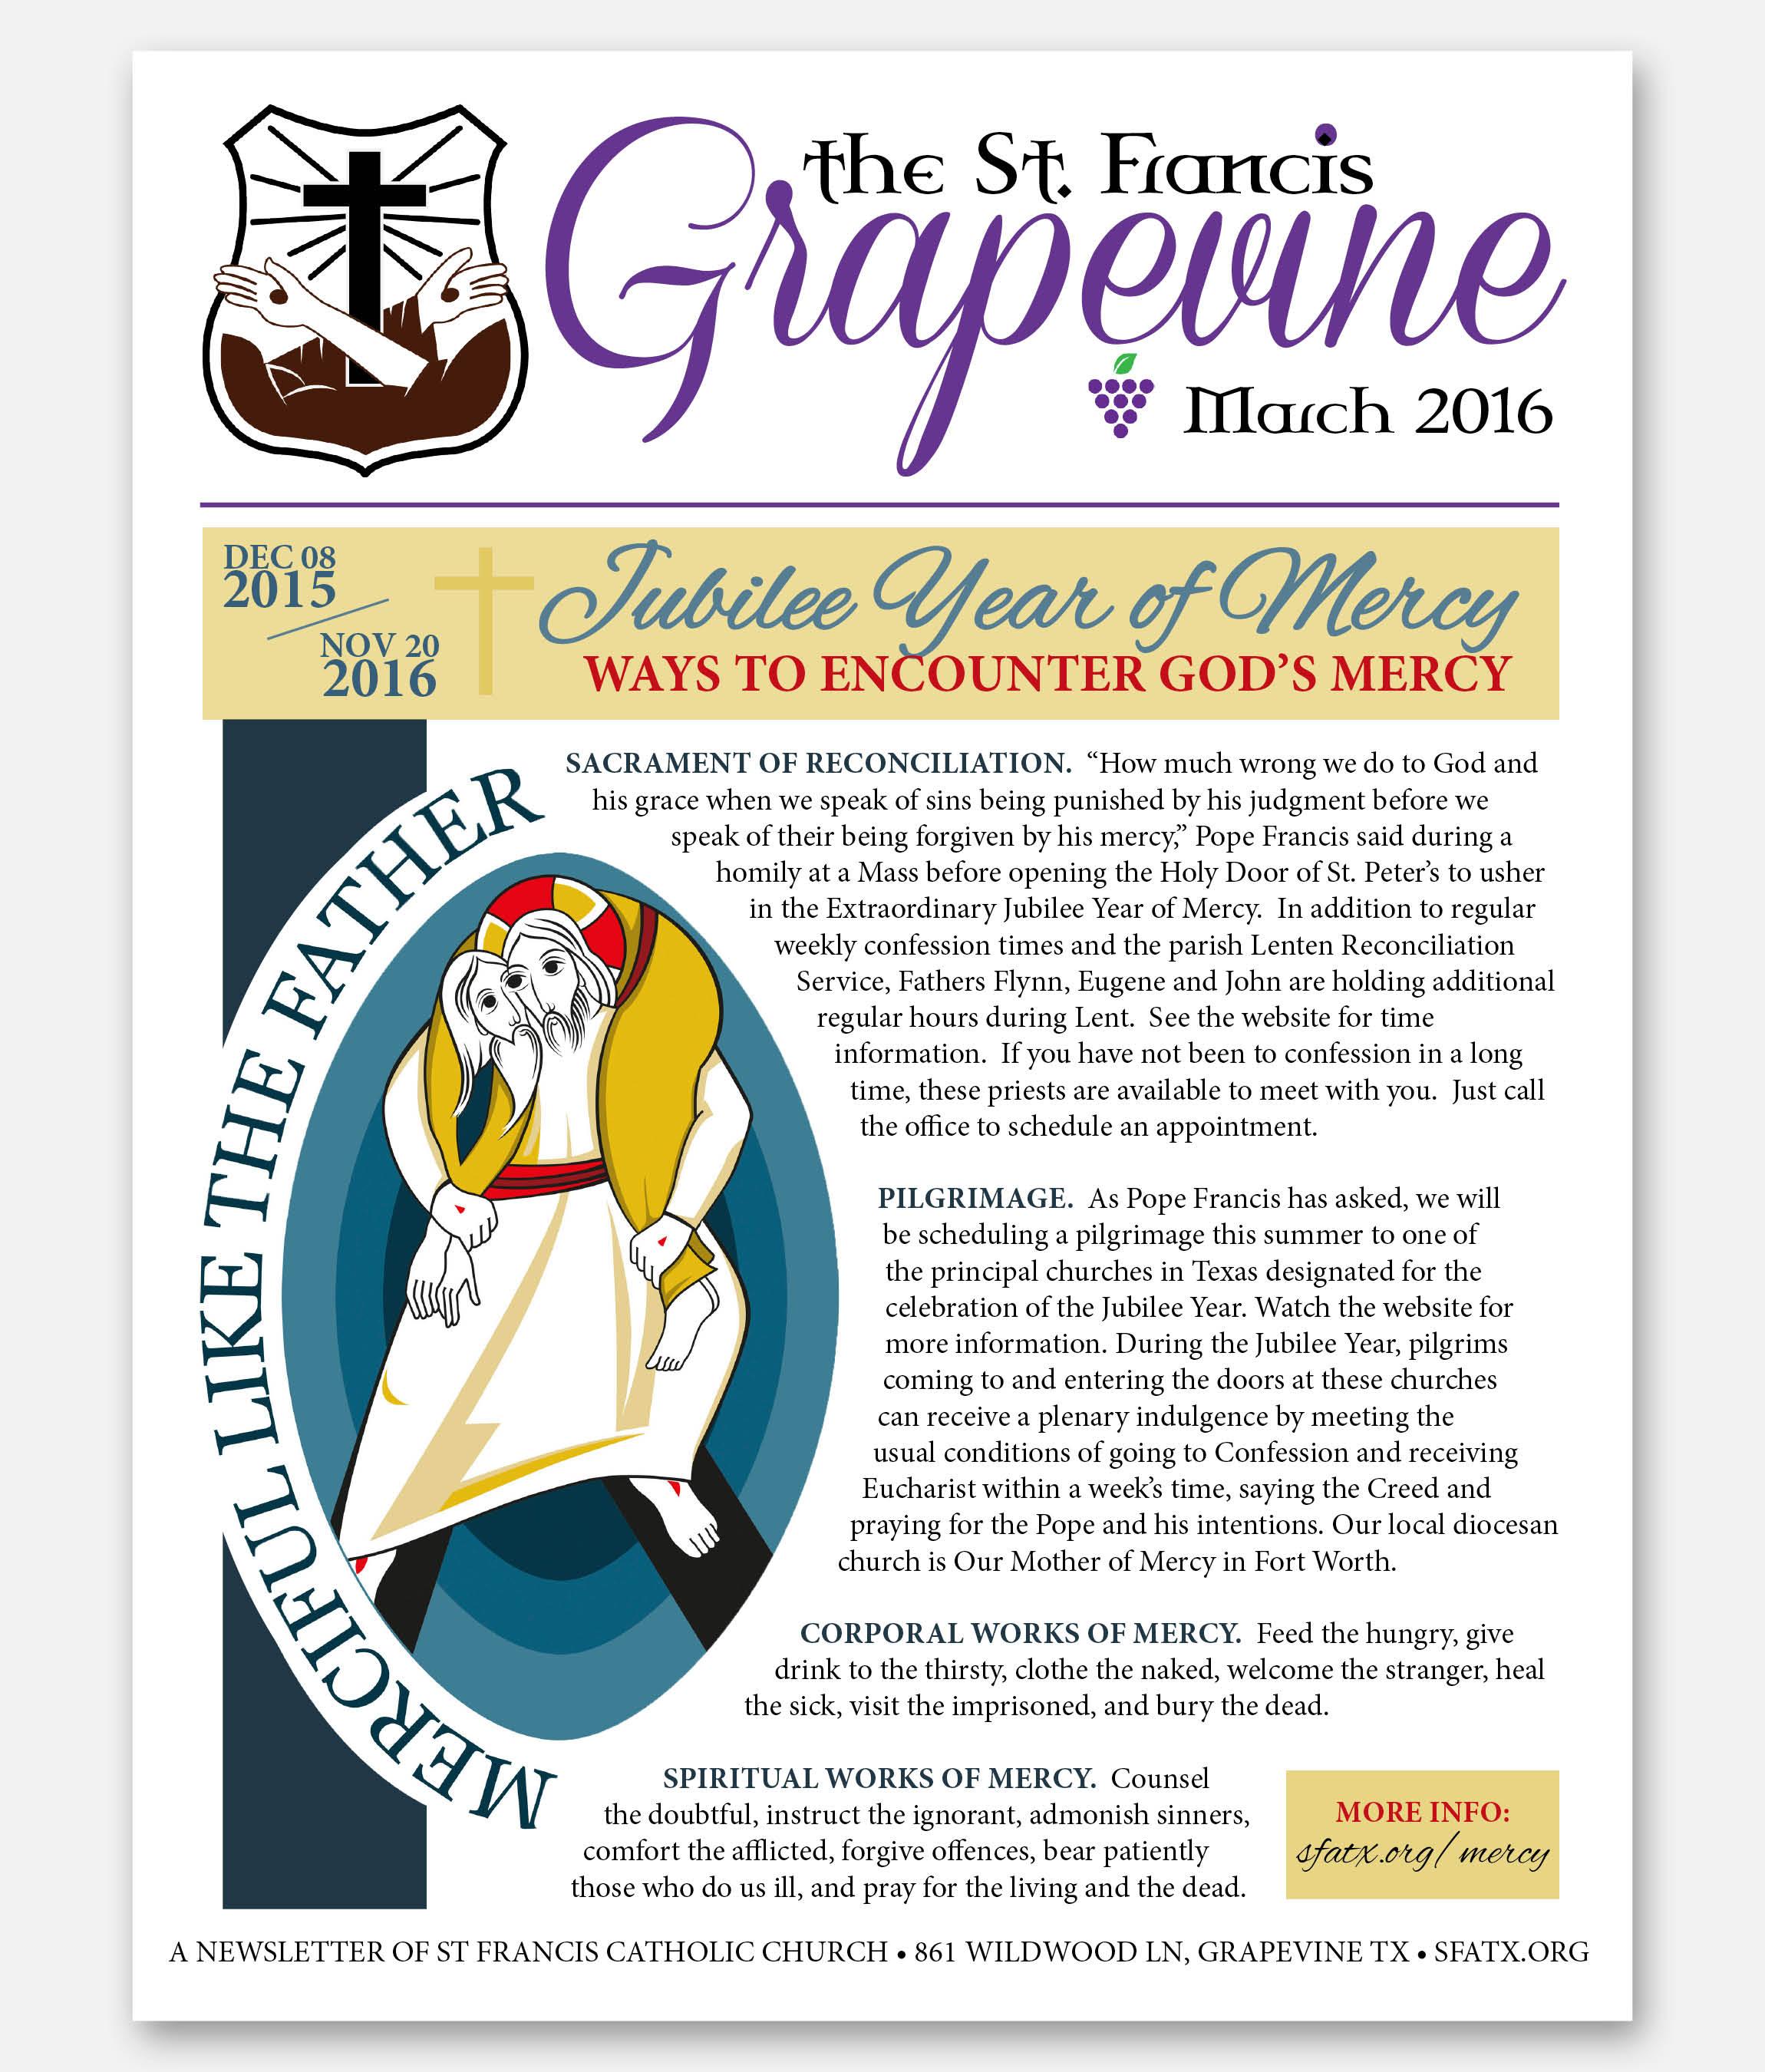 grapevine-newsletter-mar16.jpg